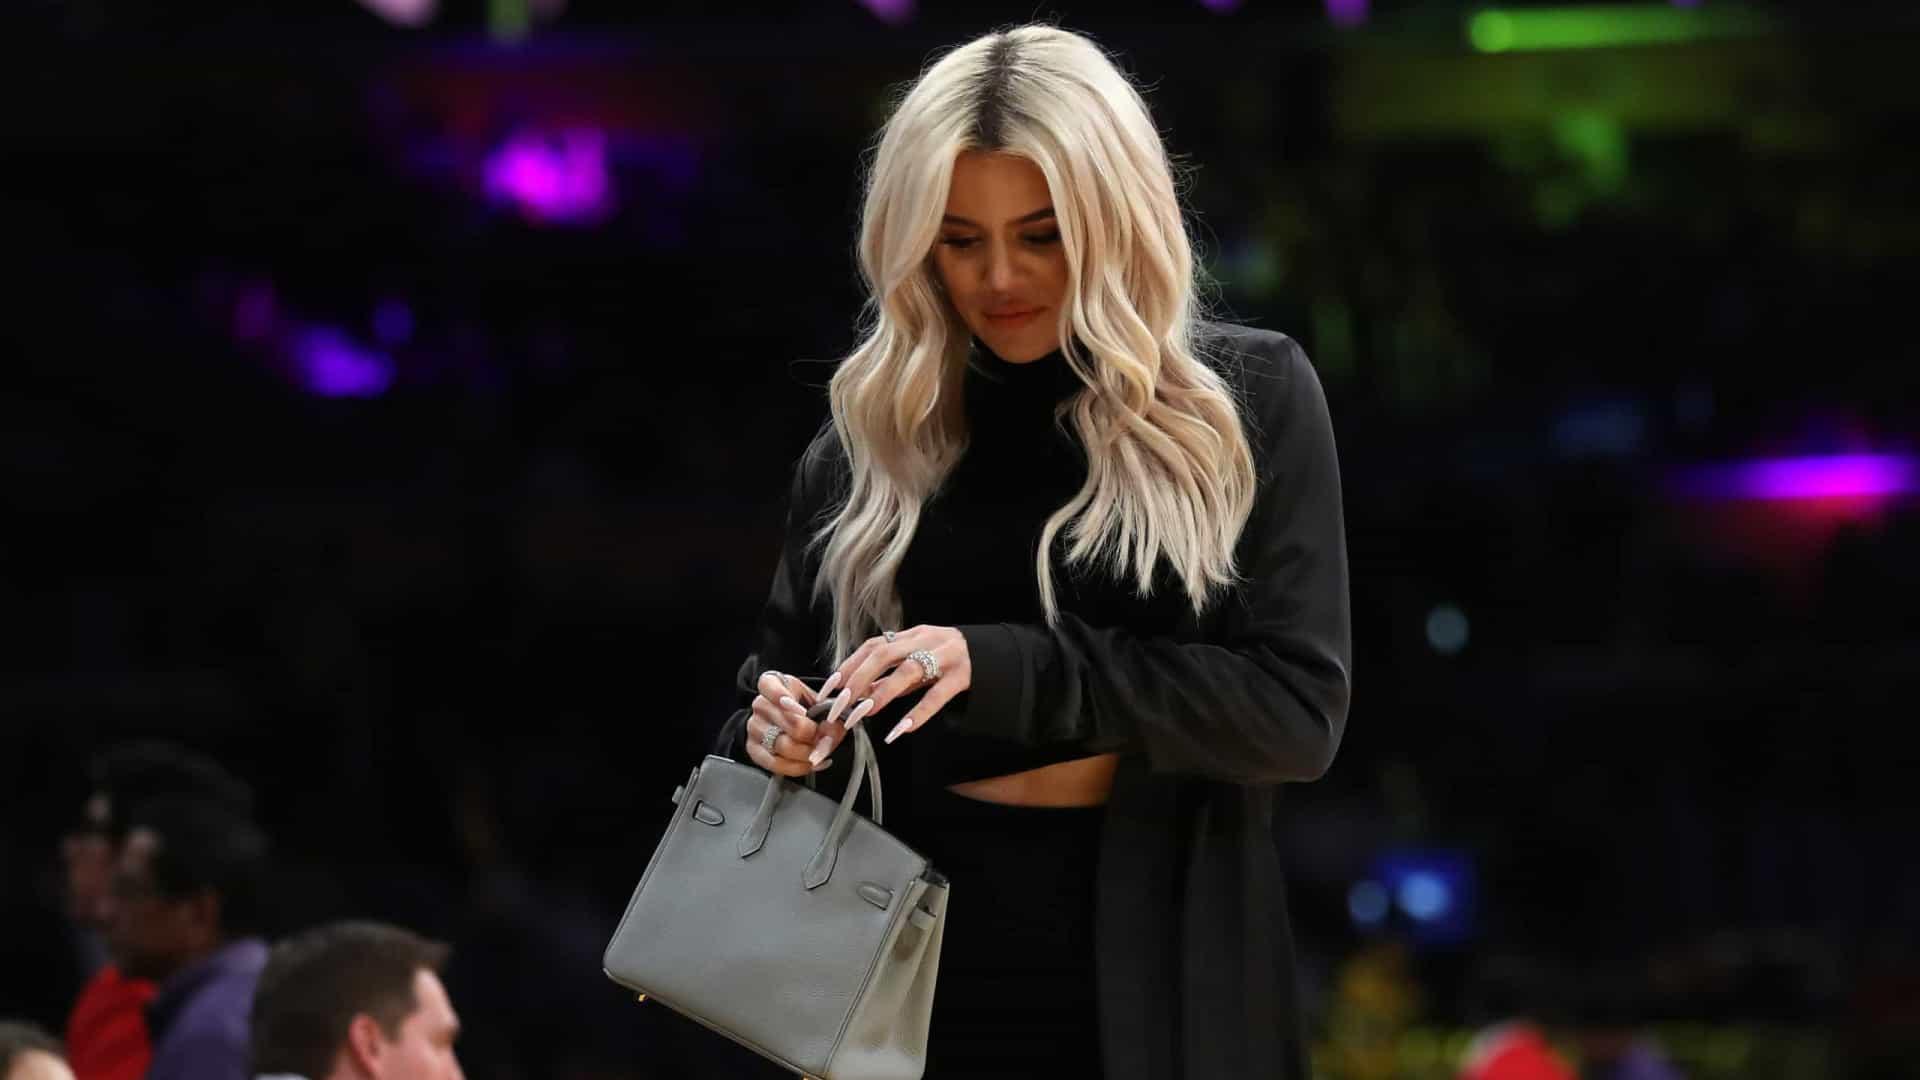 Khloé Kardashian consulta terapeuta por causa de obsessão